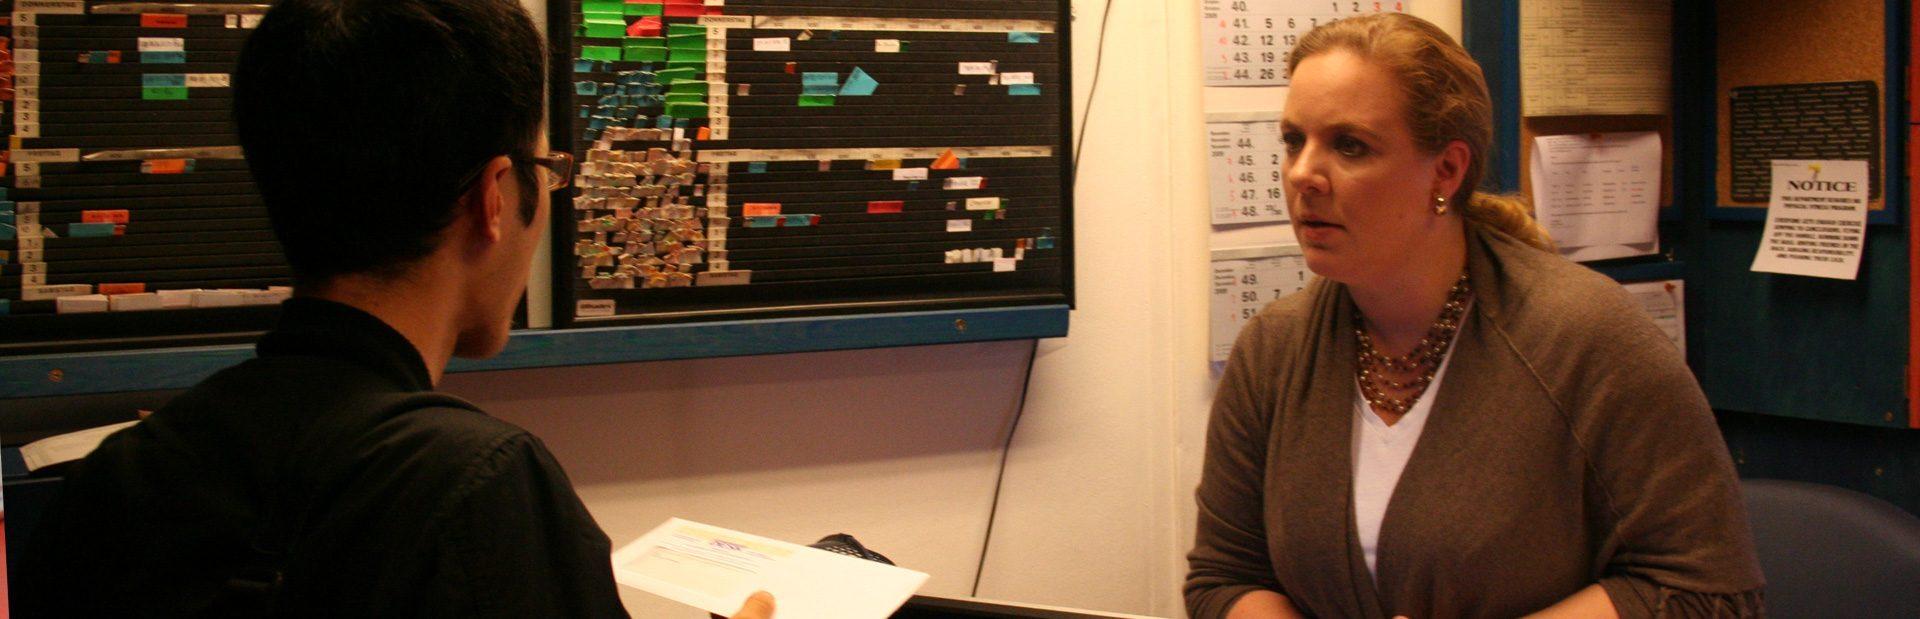 Beratungs bei DESK Sprachkurse Muenchen und Herrsching, Deutschkurse, Englischkurse